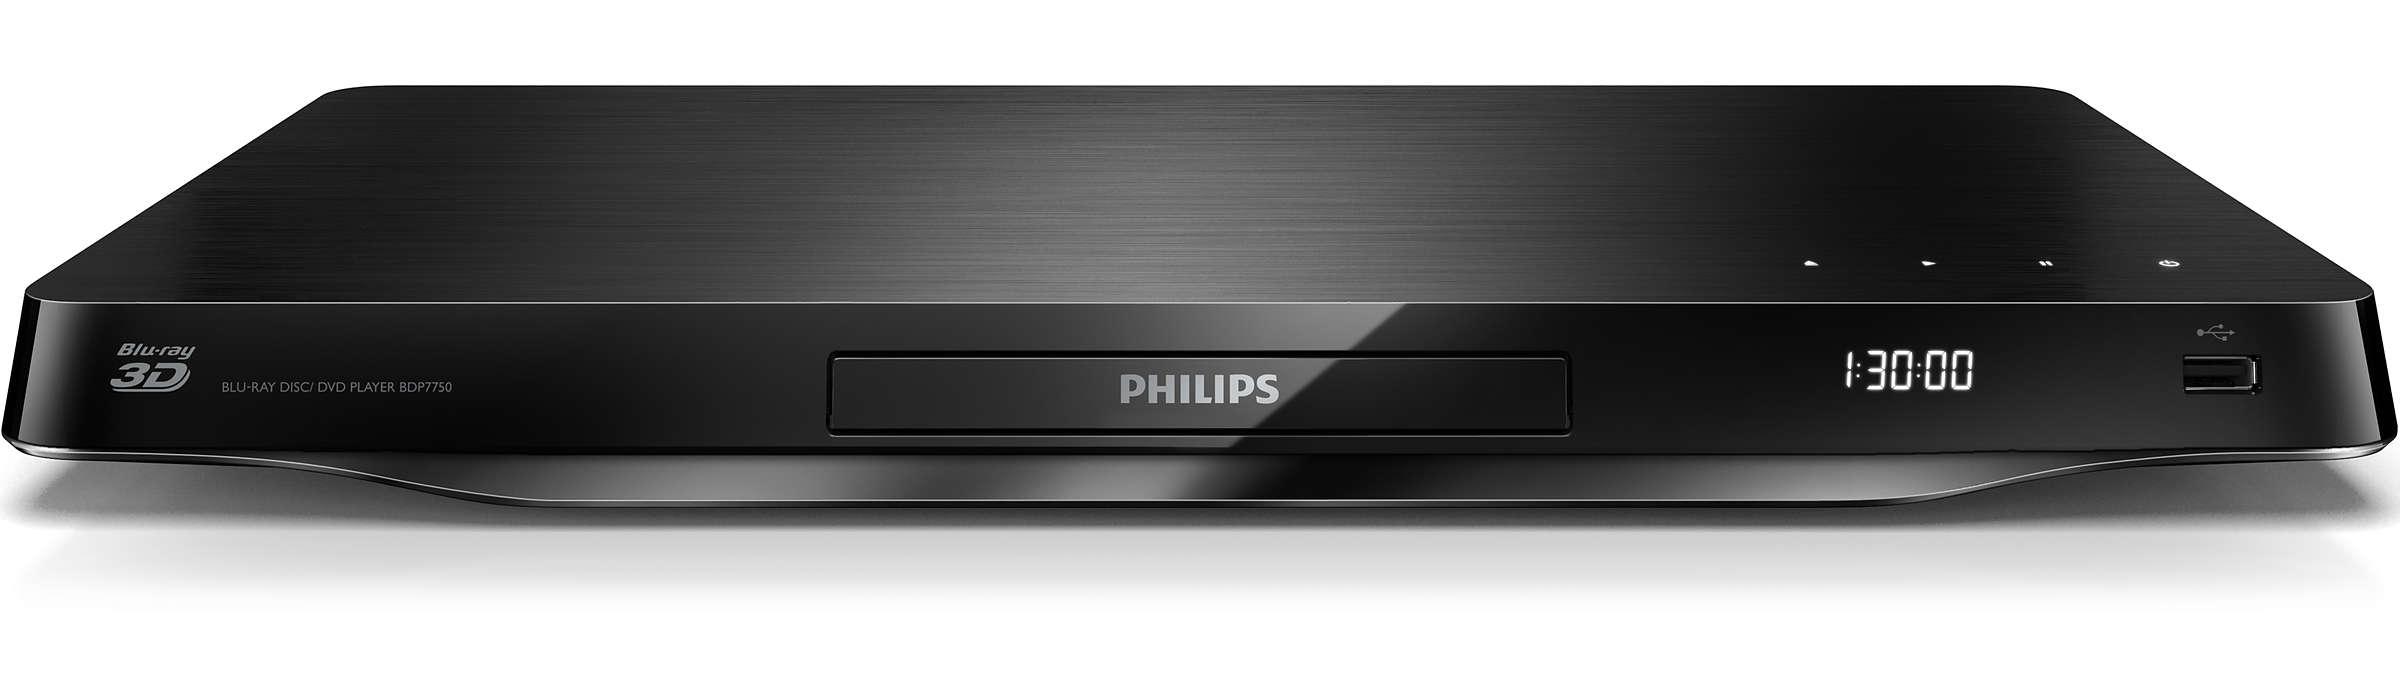 Perfekt sammen med din 4K Ultra HD-TV